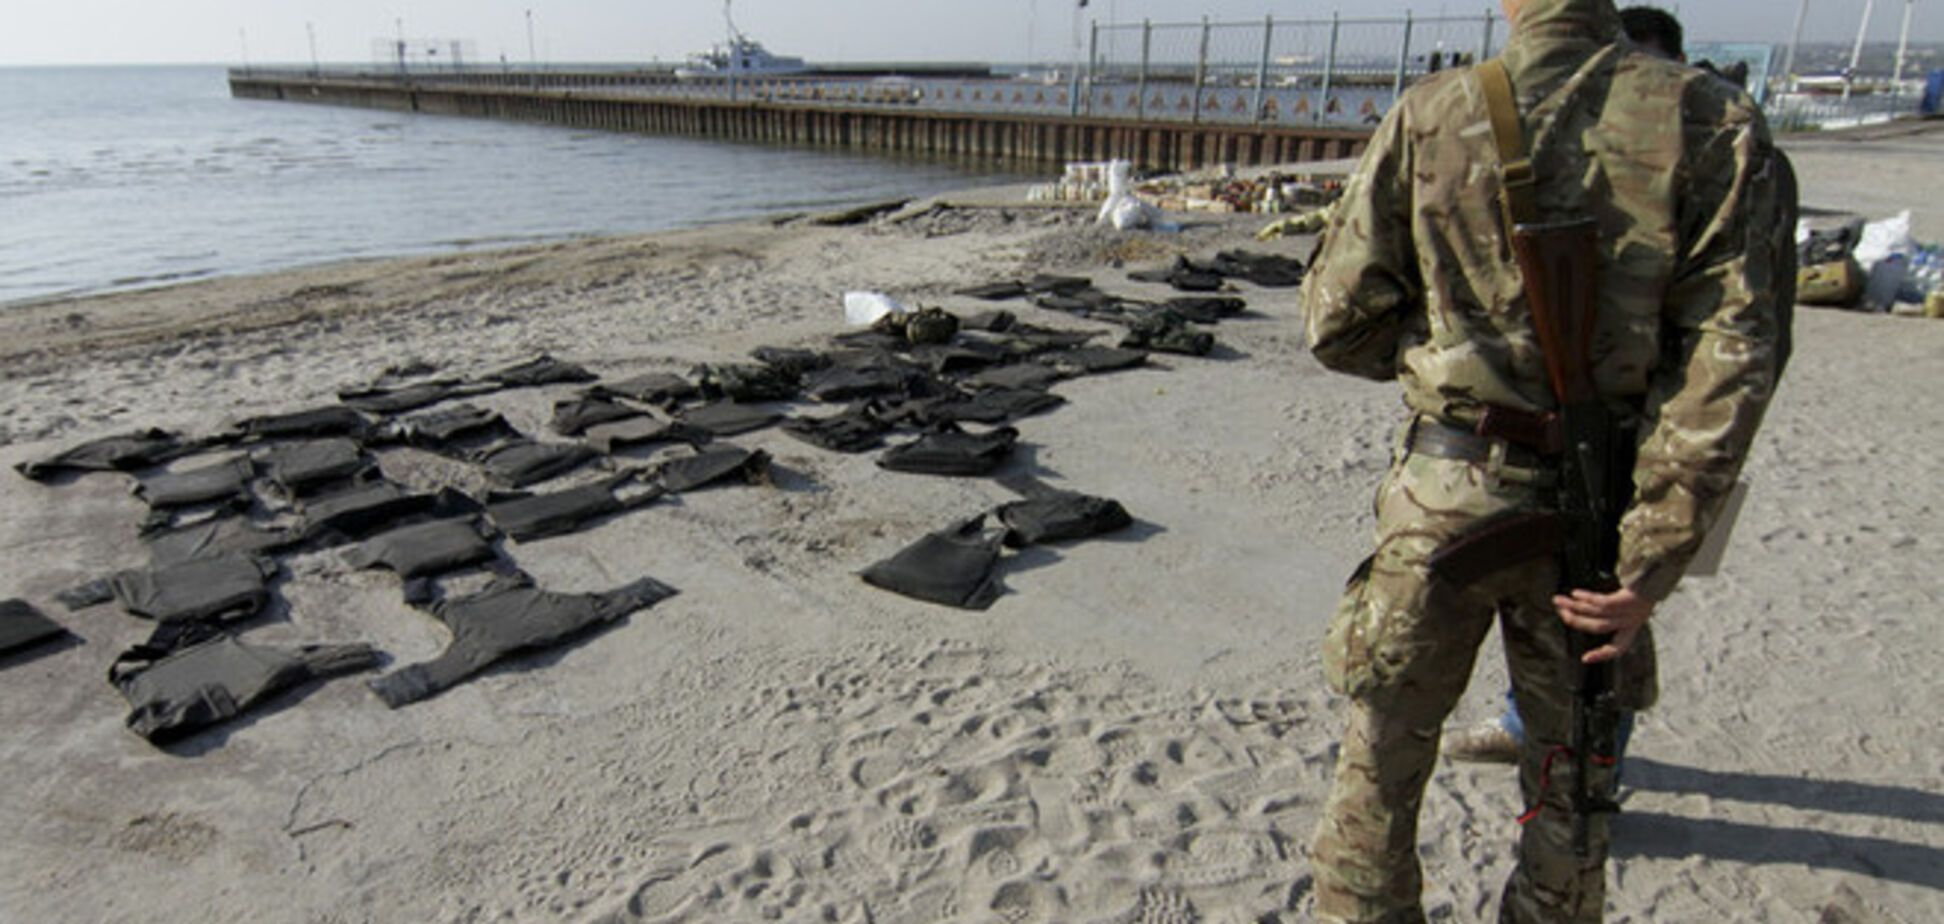 Під Маріуполем іноземні фахівці тренують елітну частину спецназівців